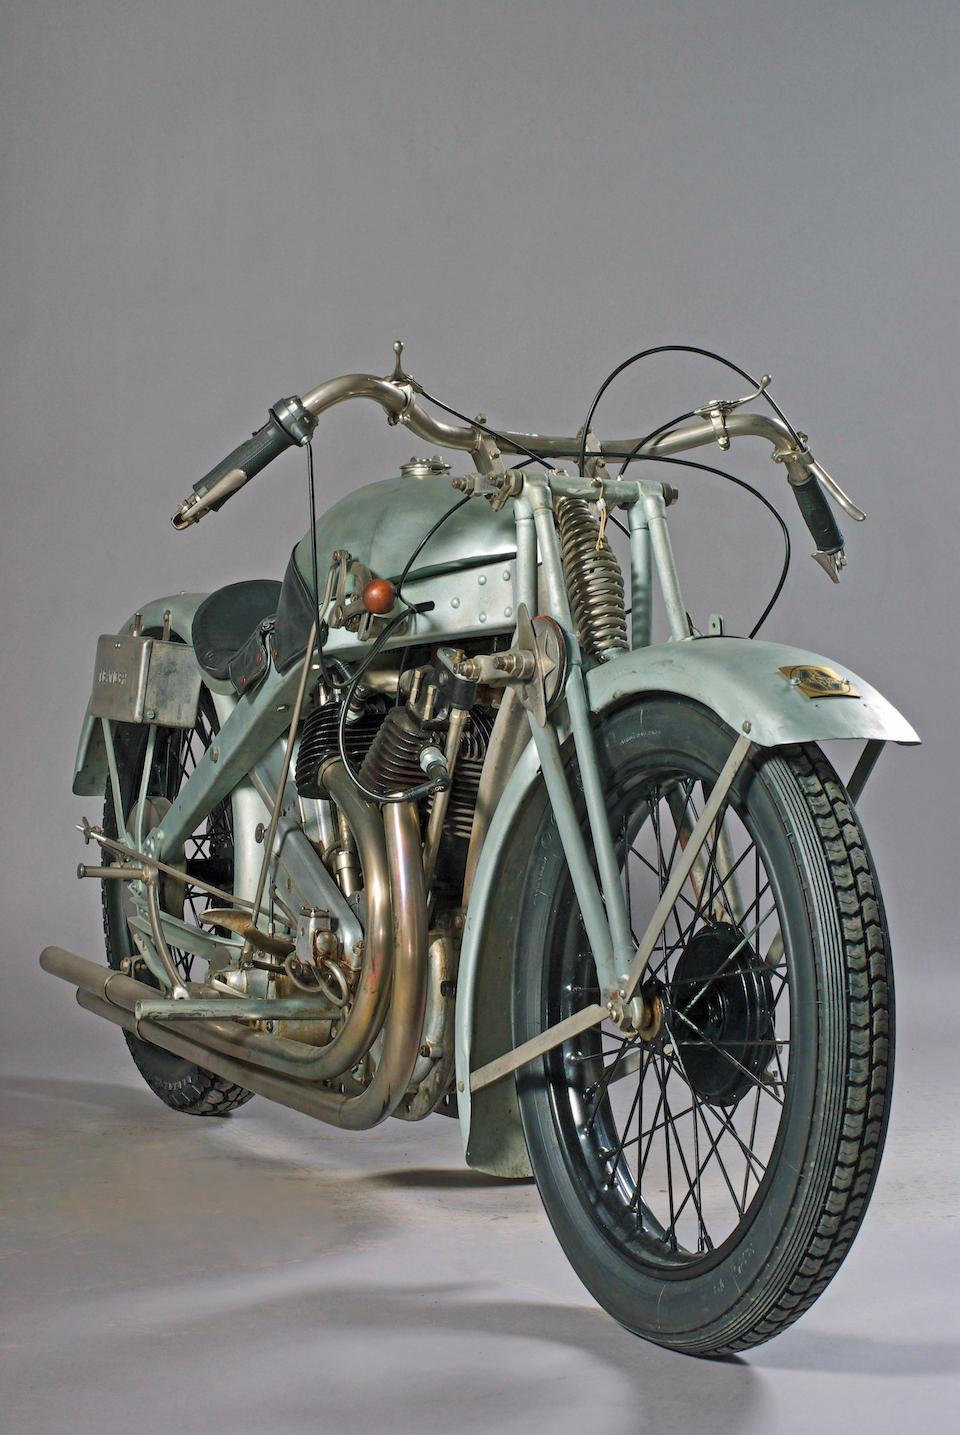 1929 Neander P3 1  Frame no. 740 Engine no. 96251